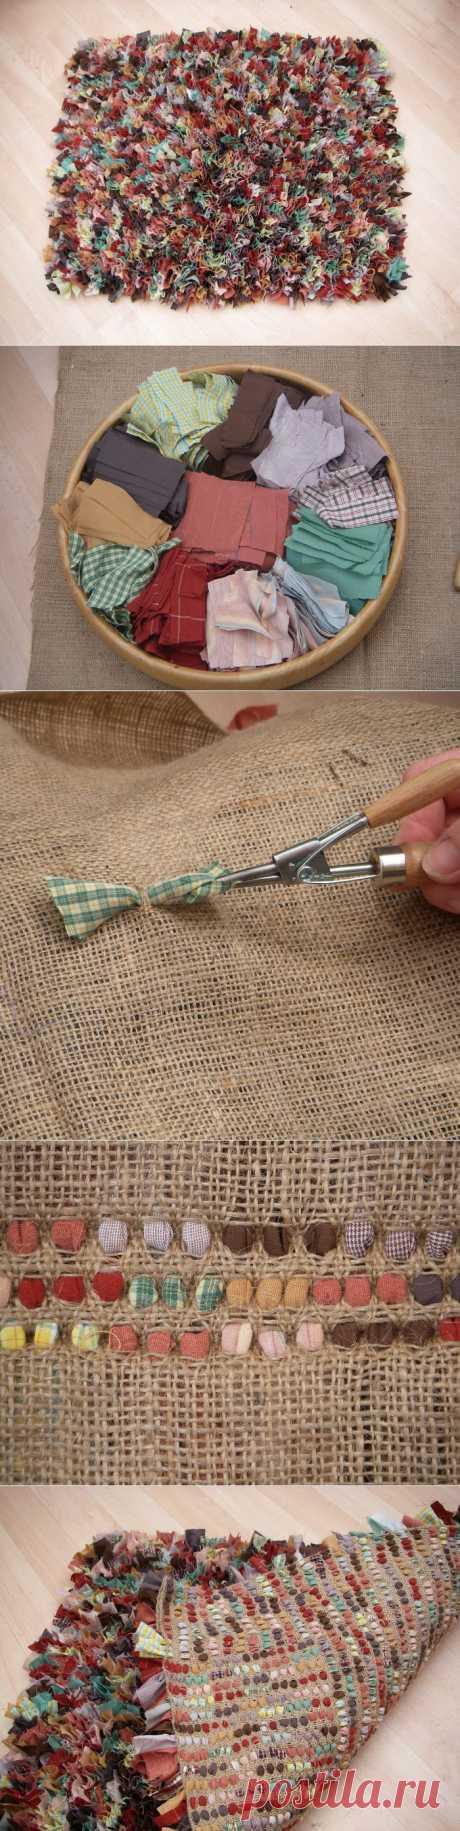 El tapiz pequeño de las cosas viejas. (La clase maestra) | el MUNDO FEMENINO